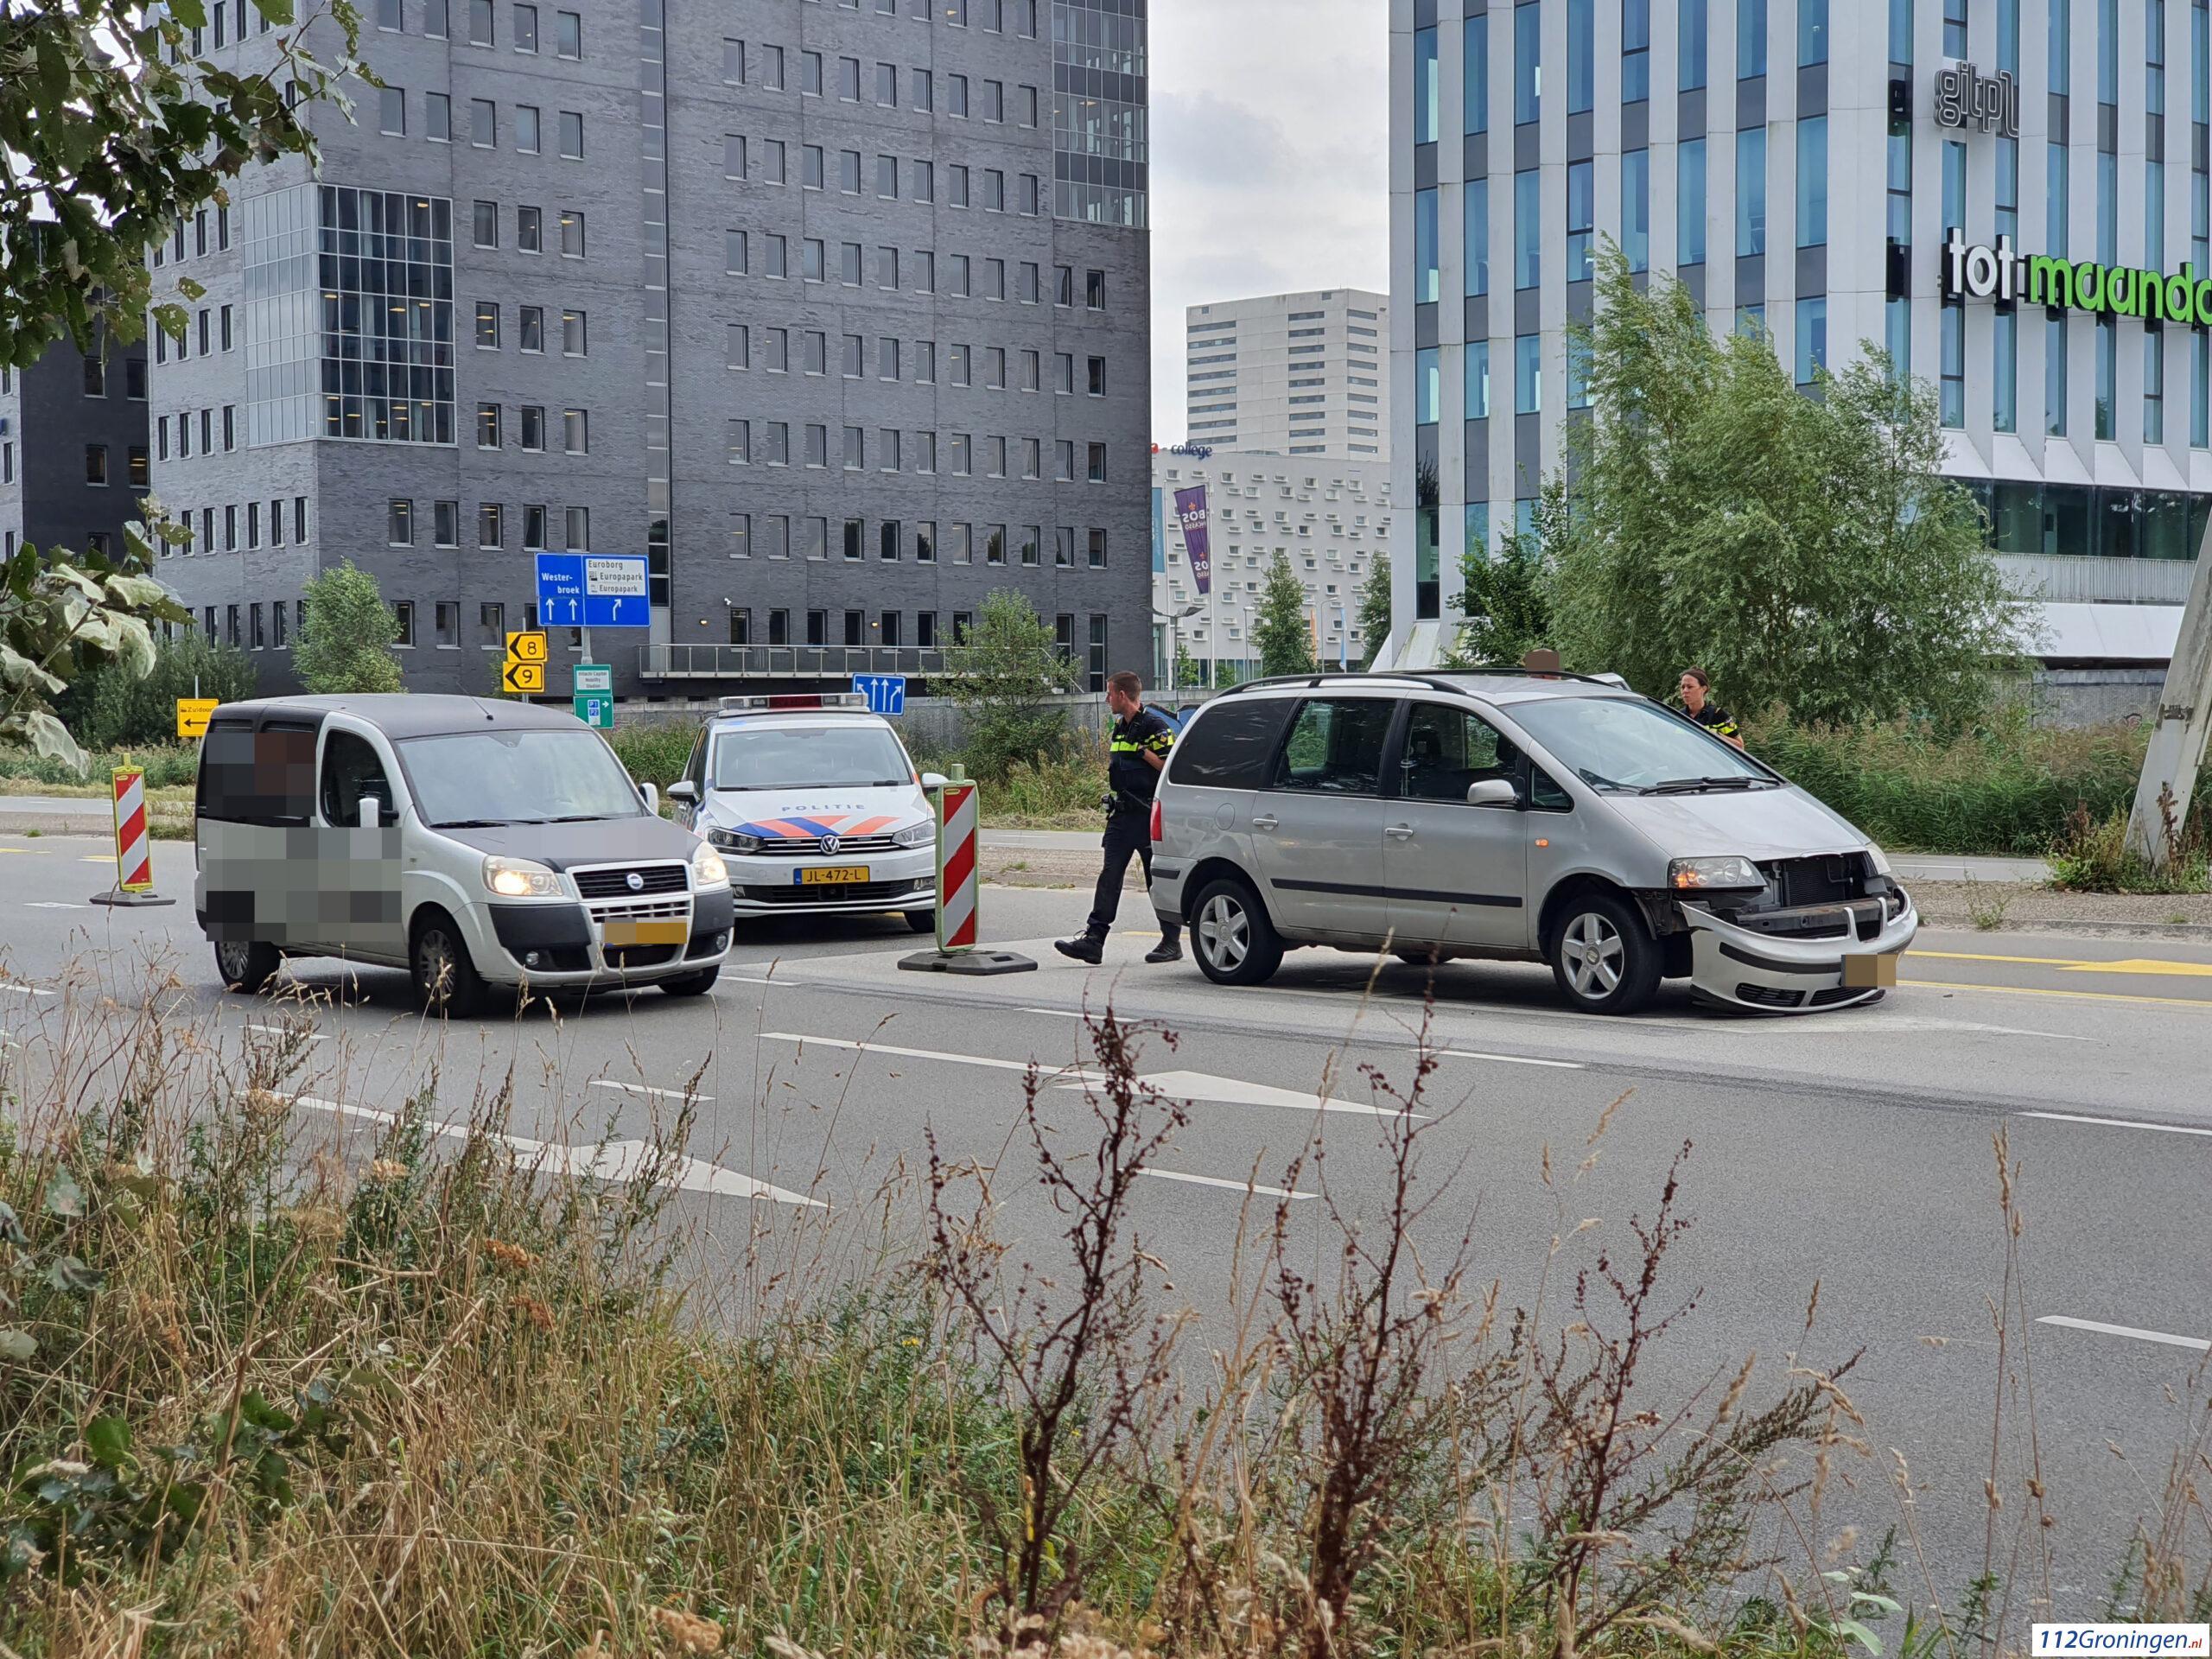 Kop/staart aanrijding Europaweg Groningen.